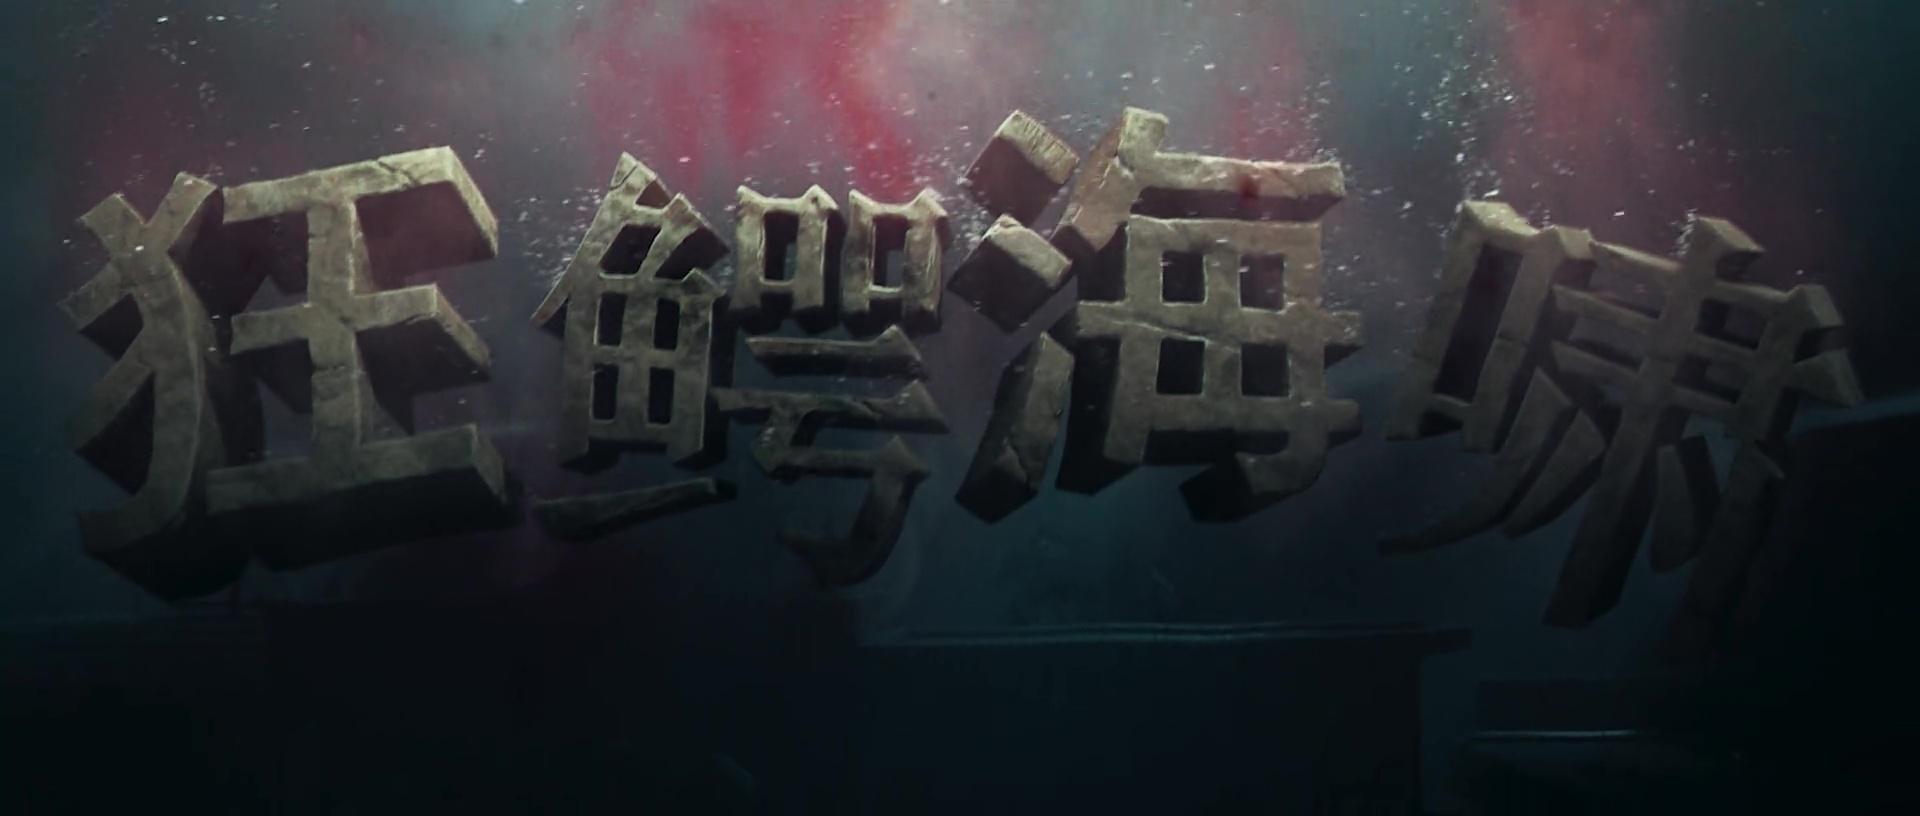 CRAZY TSUNAMI (狂鳄海啸) de Zhou Jiuqin (2021)